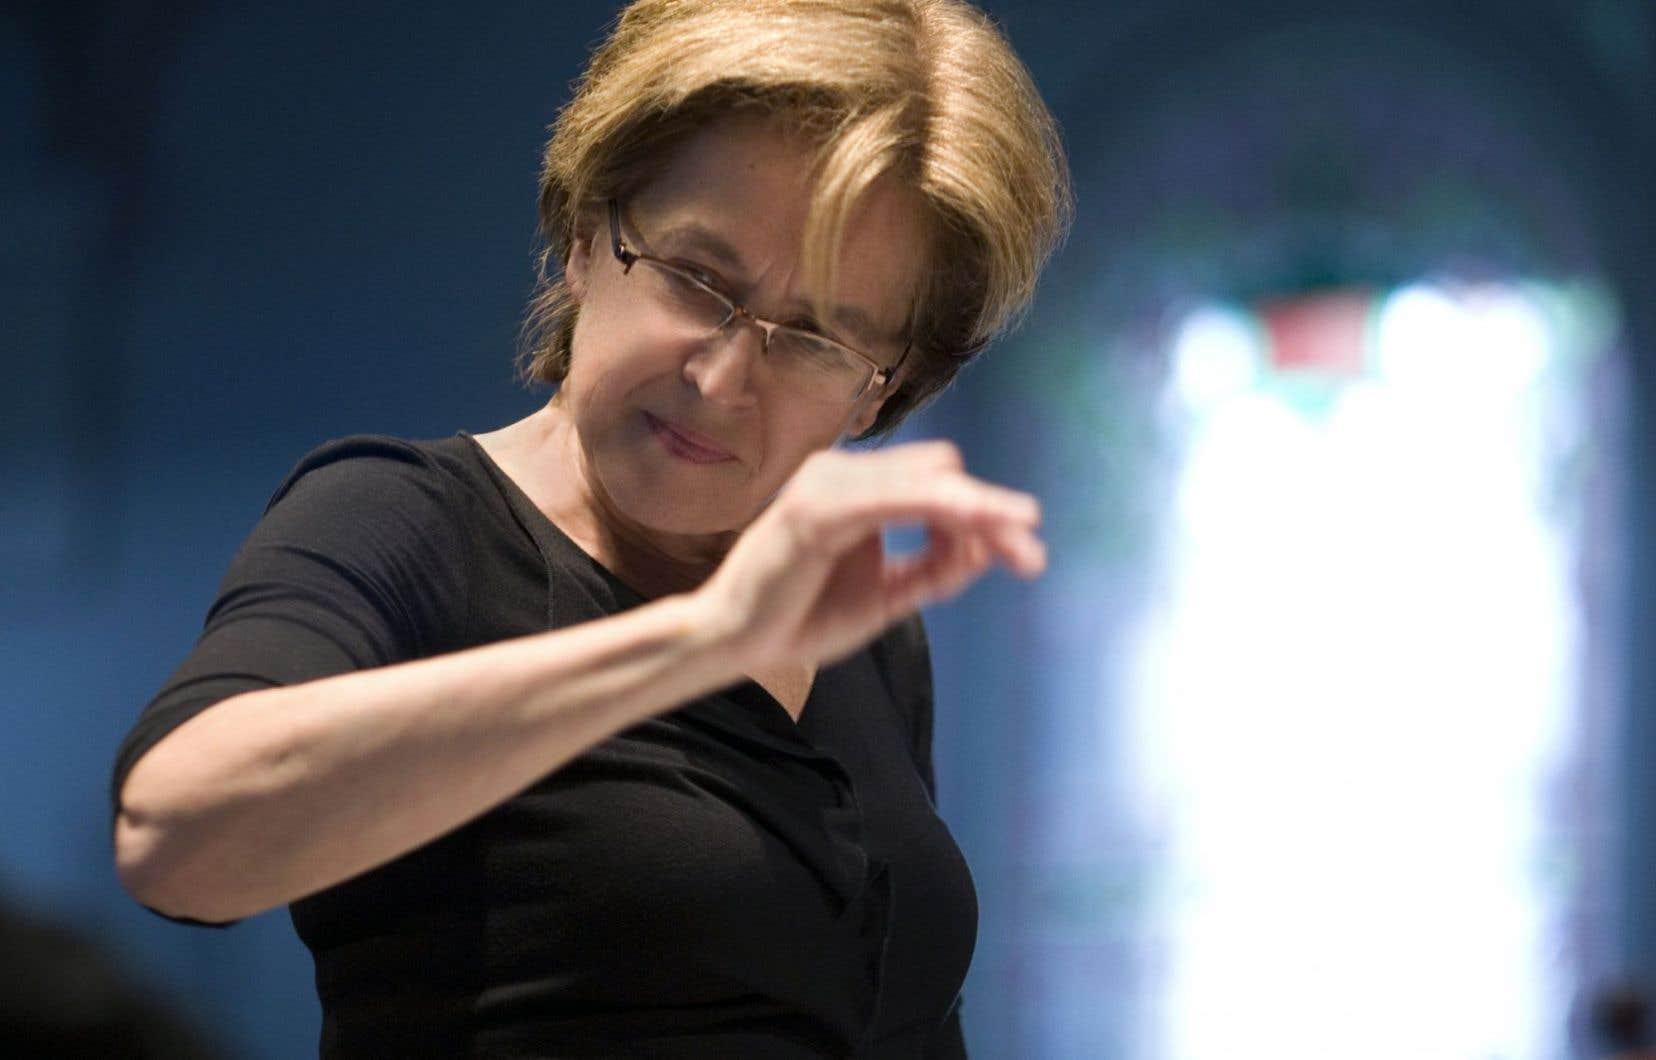 La soirée a été marquée par l'annonce du départ de Lorraine Vaillancourt de la direction artistique du NEM.